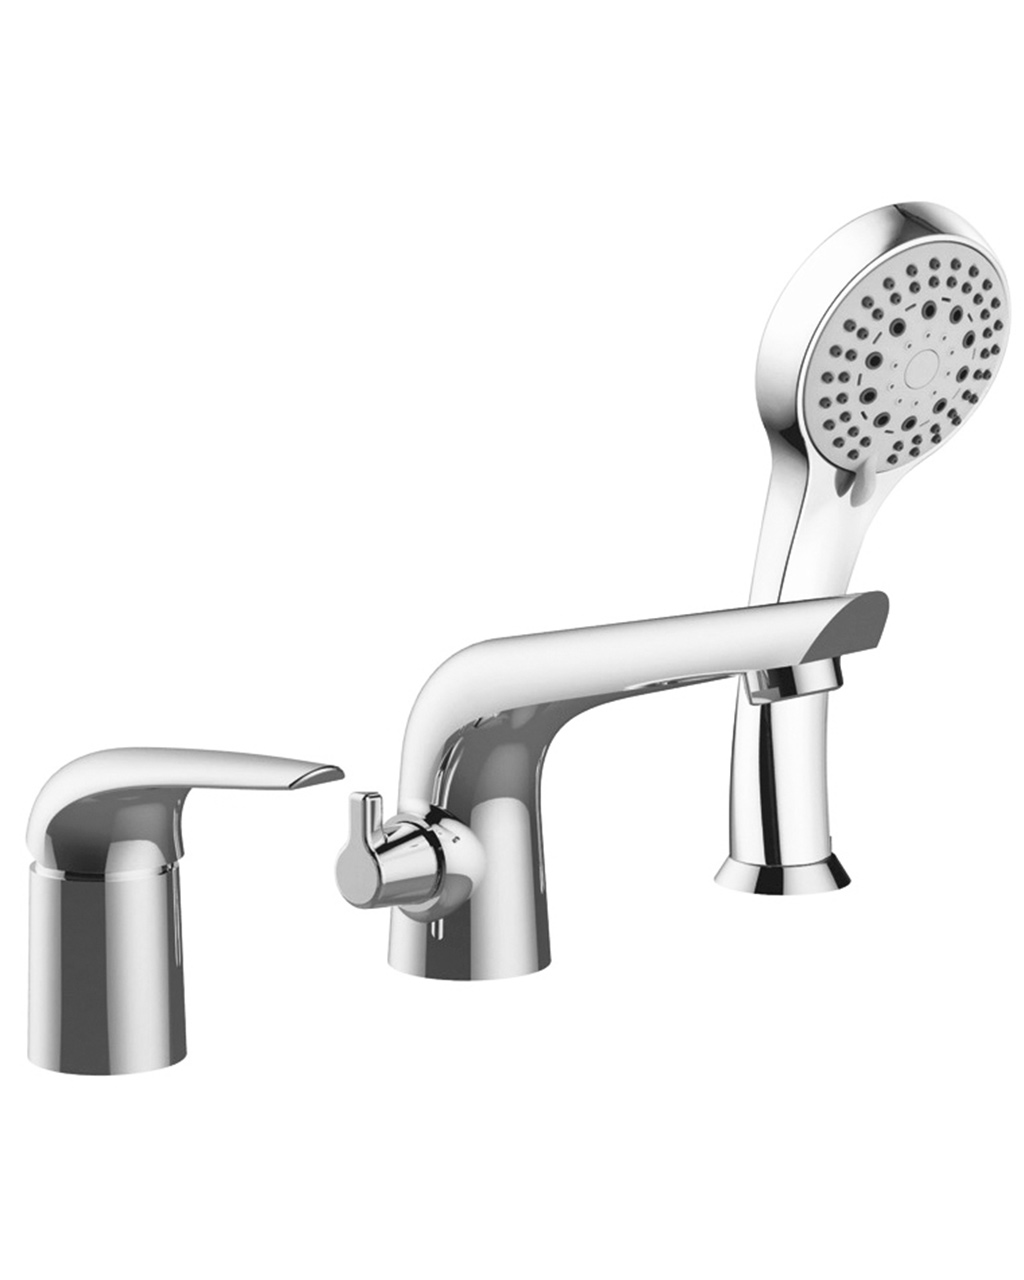 Смеситель Imprese KRINICE для ванны, врезной, на три отверстия, хром, 35 мм 85110